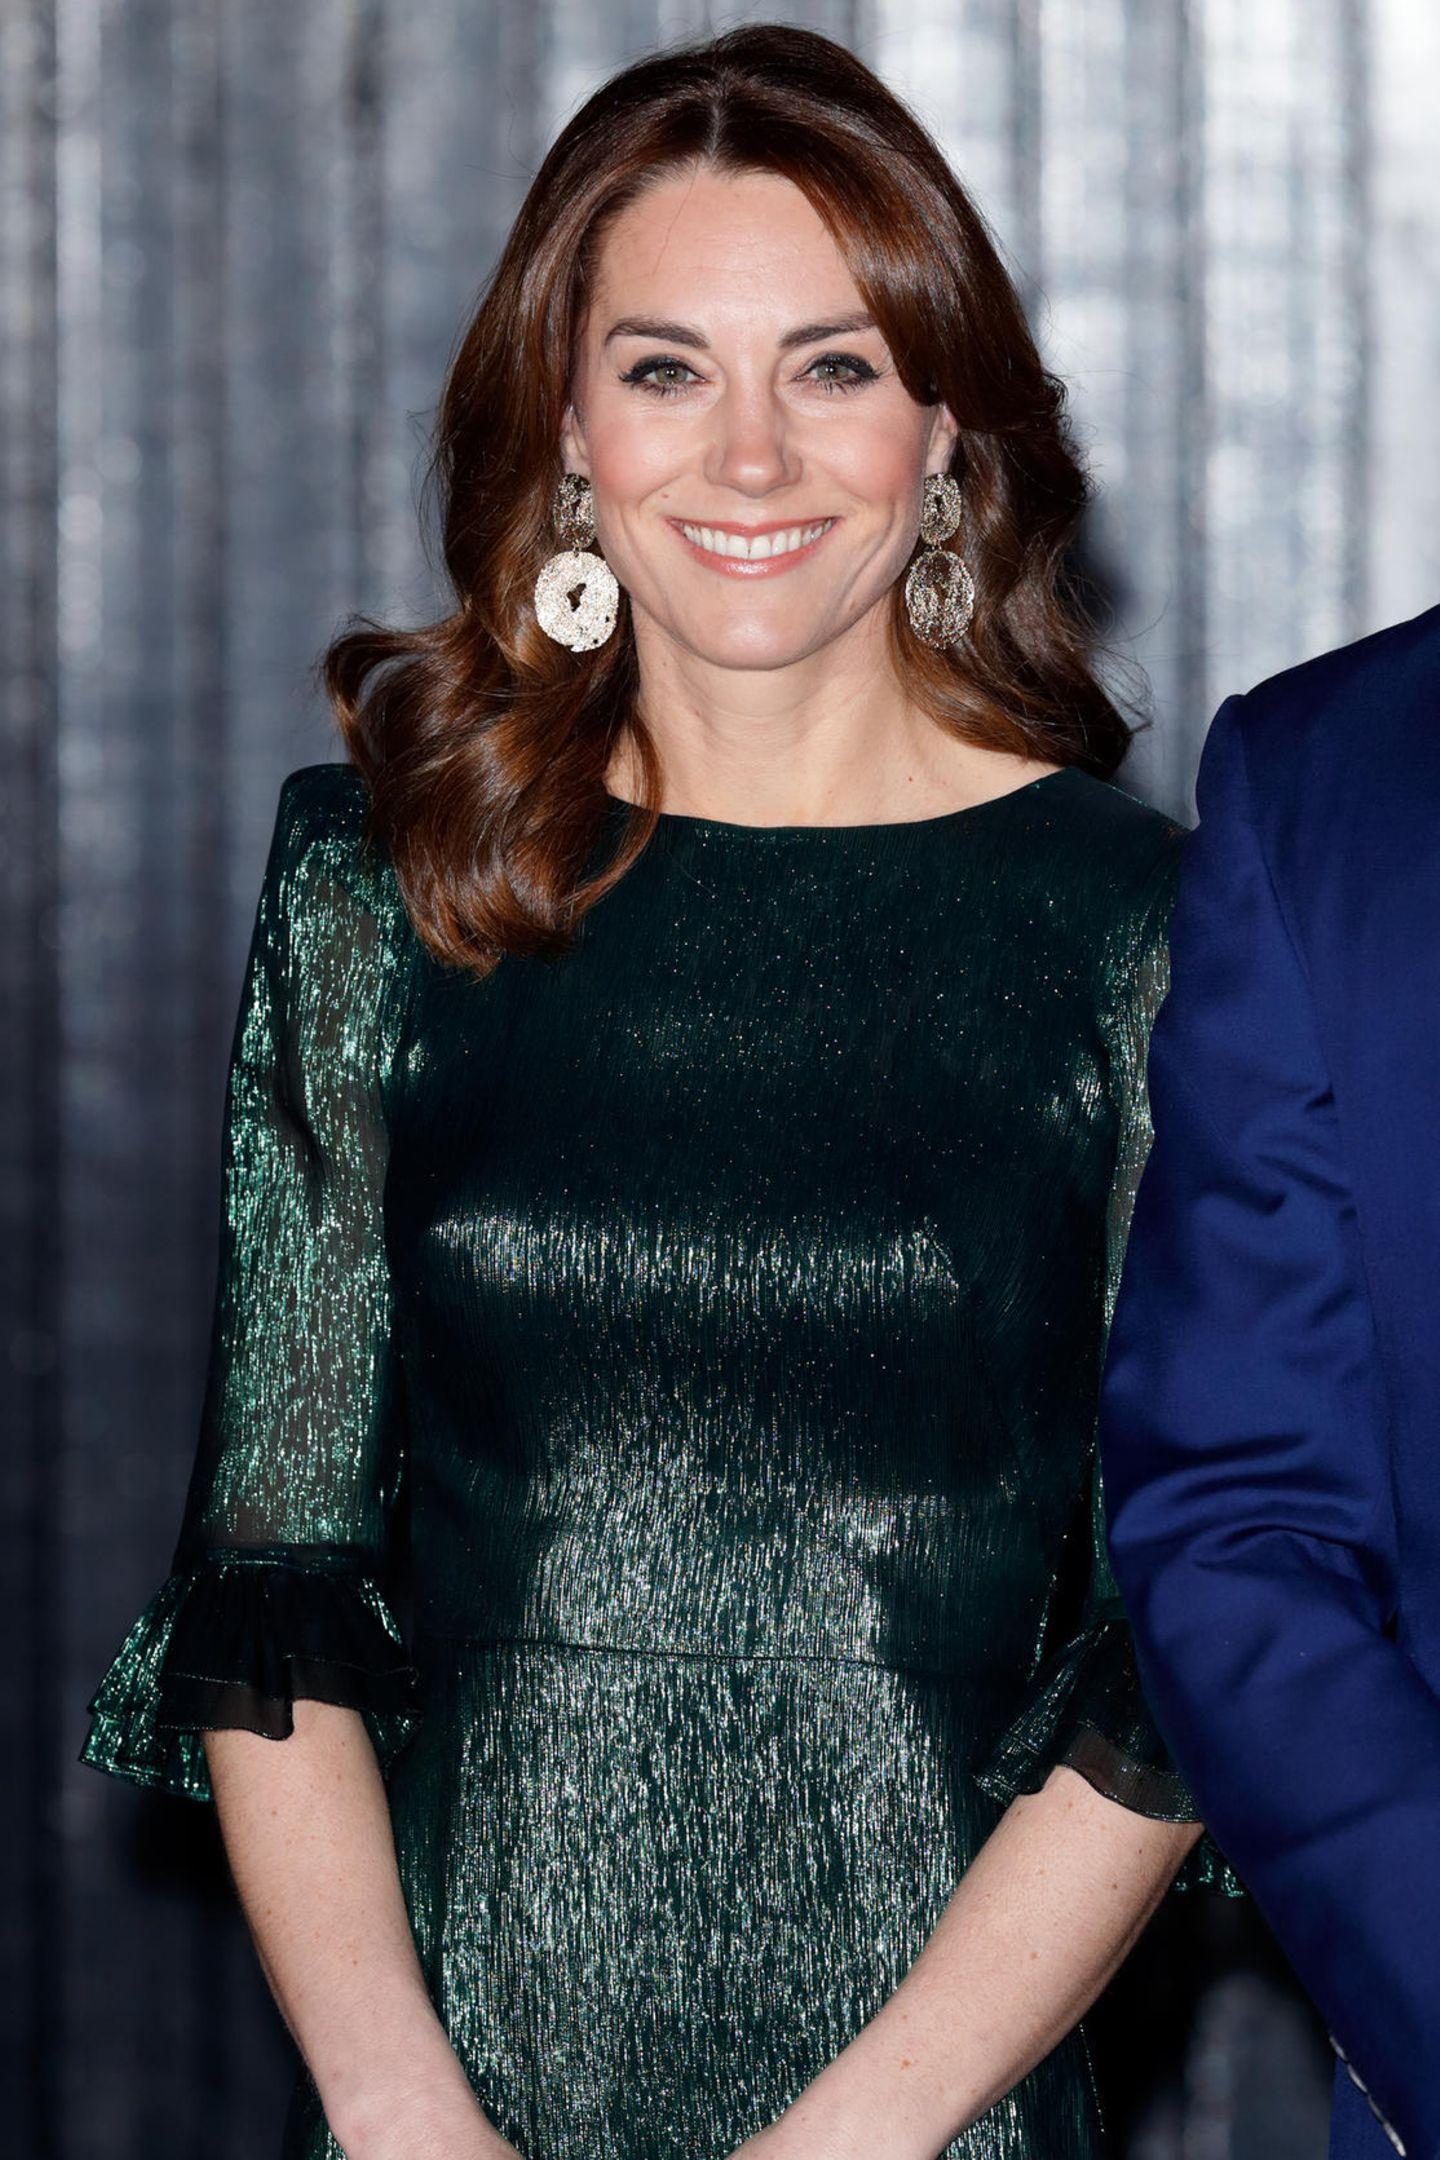 """Beim Empfang des britischen Botschafters in Irland wählt Herzogin Kate erneut einen stylischen Look in der Nationalfarbe des Landes. Die dunkelgrünen Metallic-Fäden des Midi-Kleides lassen Katestrahlen, die Volant-Borde an Saum und Ärmel verleiht dem """"The Vampire's Wife""""-Kleid das gewisse Extra. Kostenpunkt des Kleides: 1.900 Euro."""